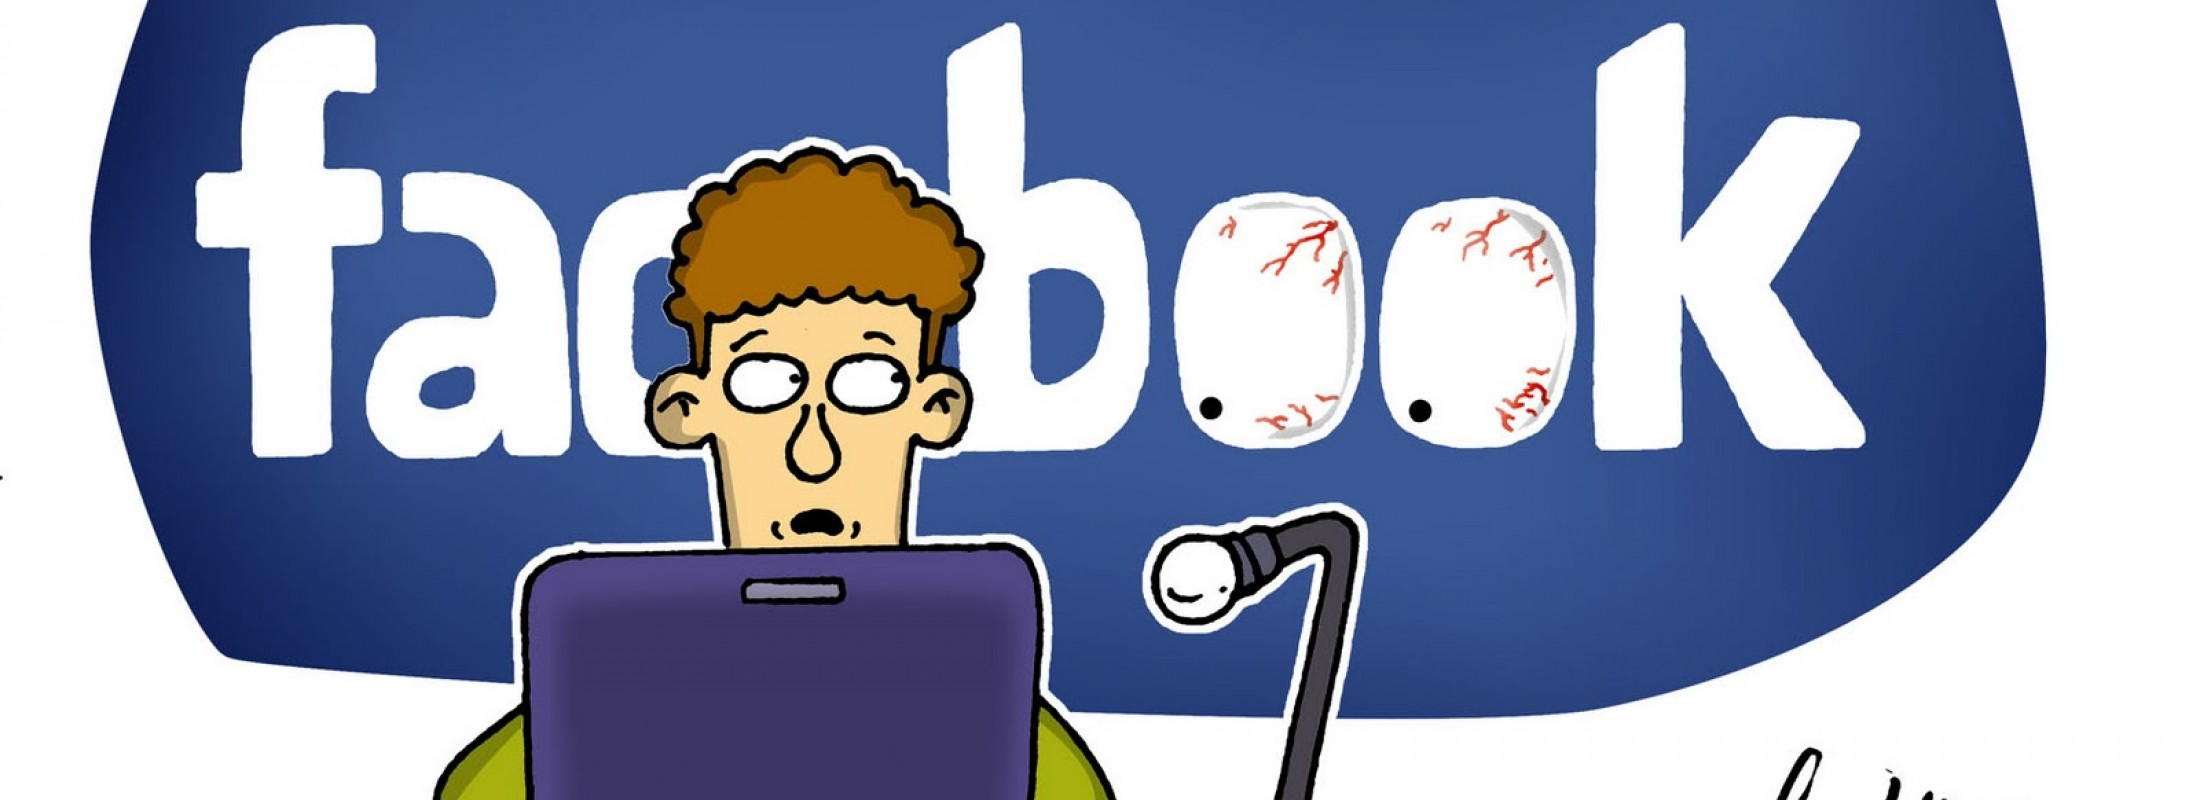 Facebook'ta nasıl tamamen görünmez olunur?